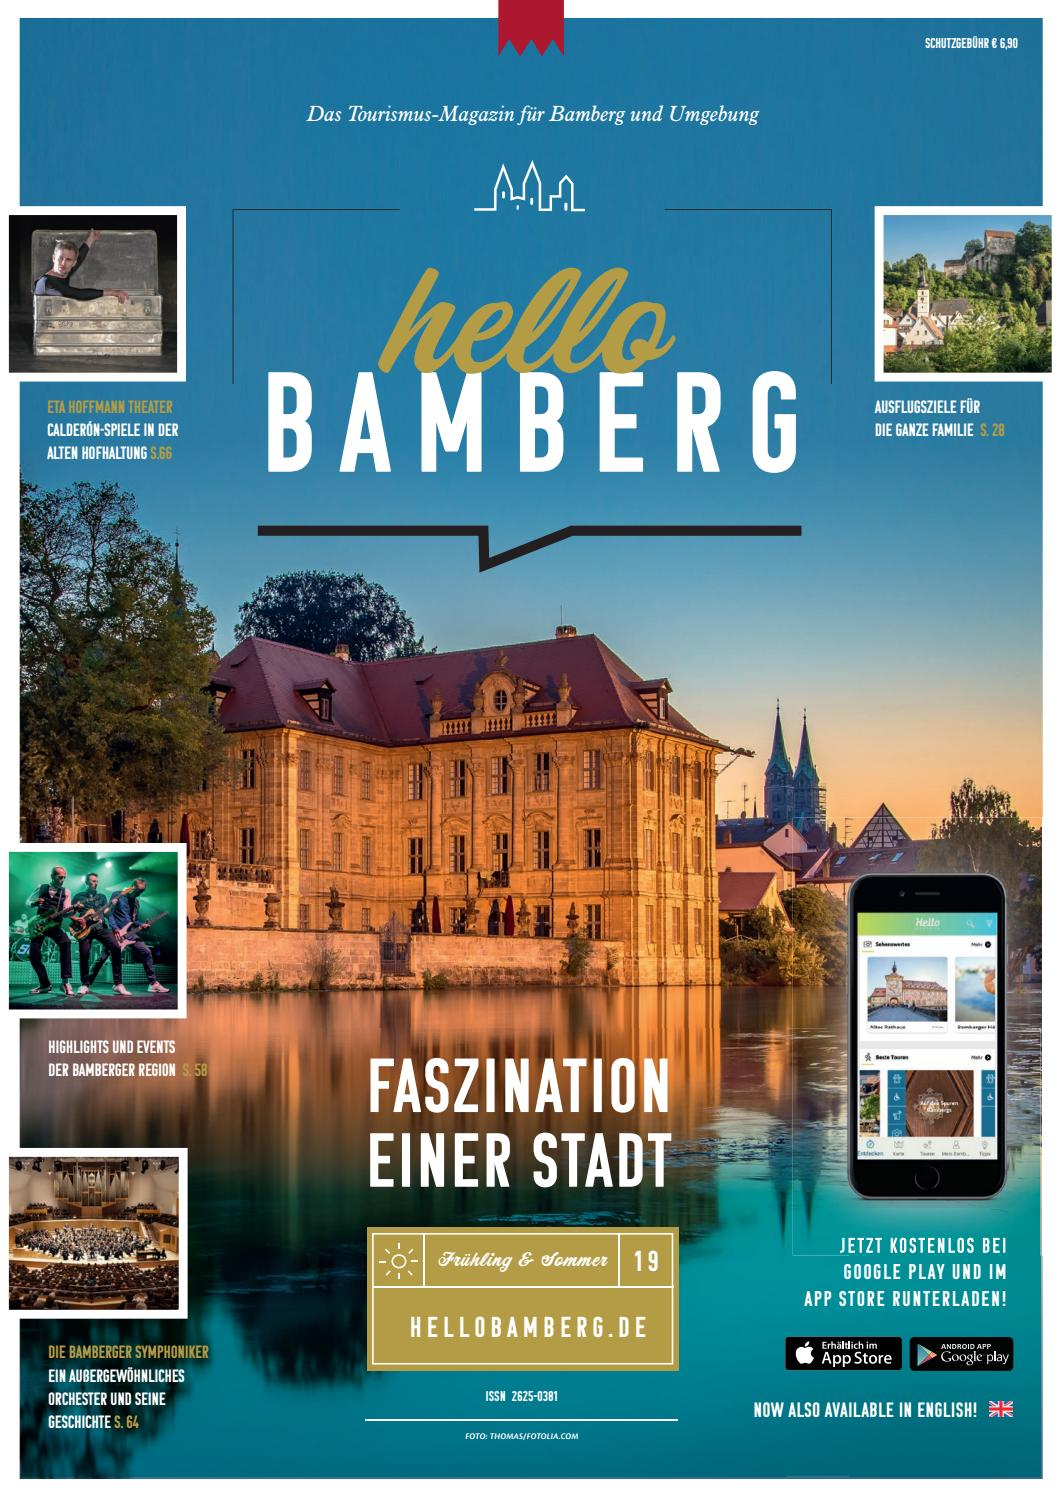 Hello Bamberg Fruhling 2019 By M Karg Infranken De Issuu